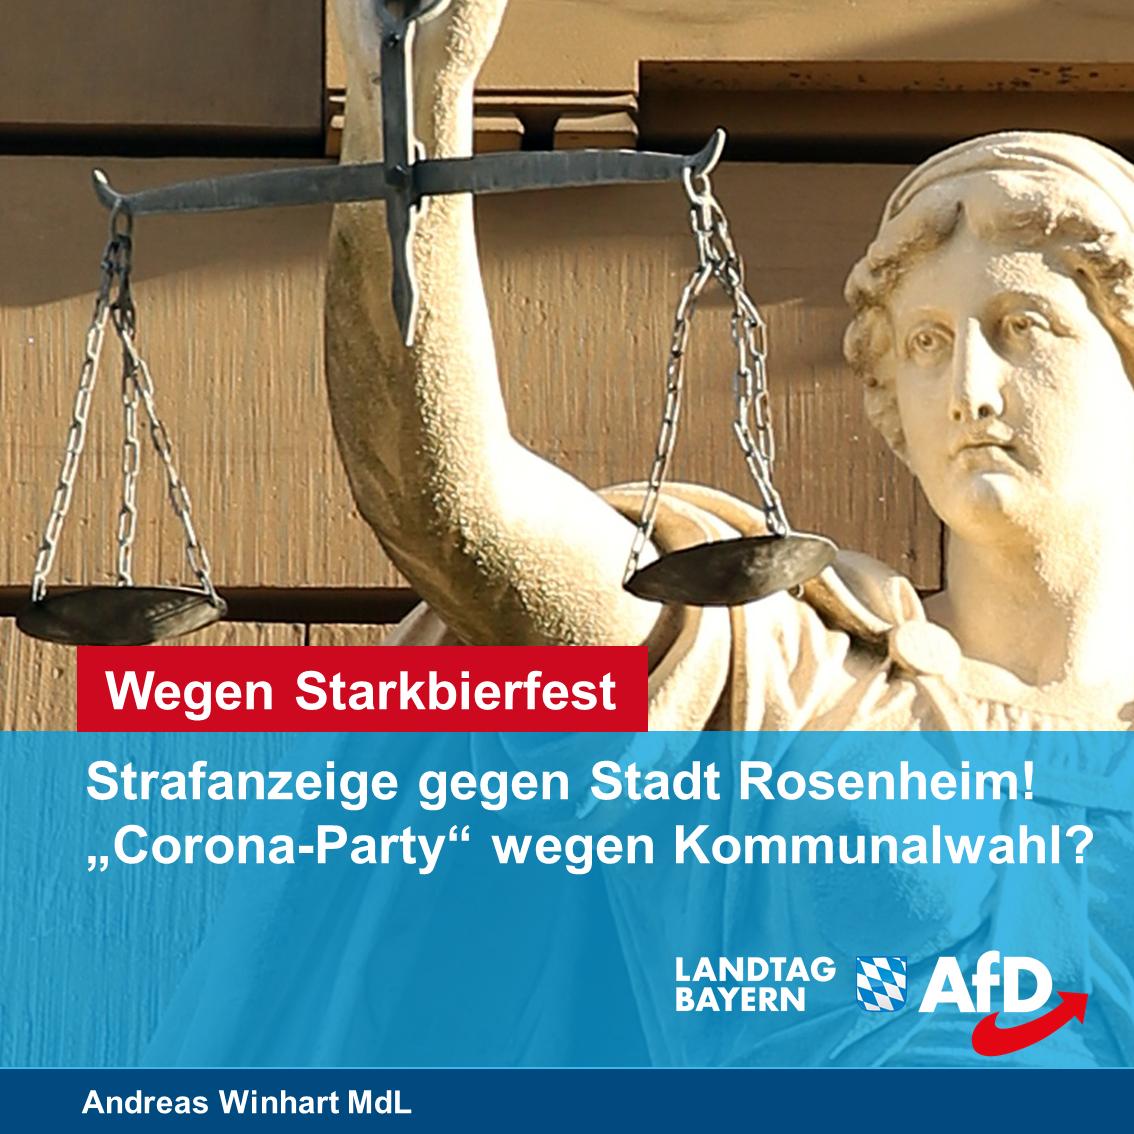 Starkbierfest ja, Herbstfest nein? – Anzeige gegen die Stadt Rosenheim